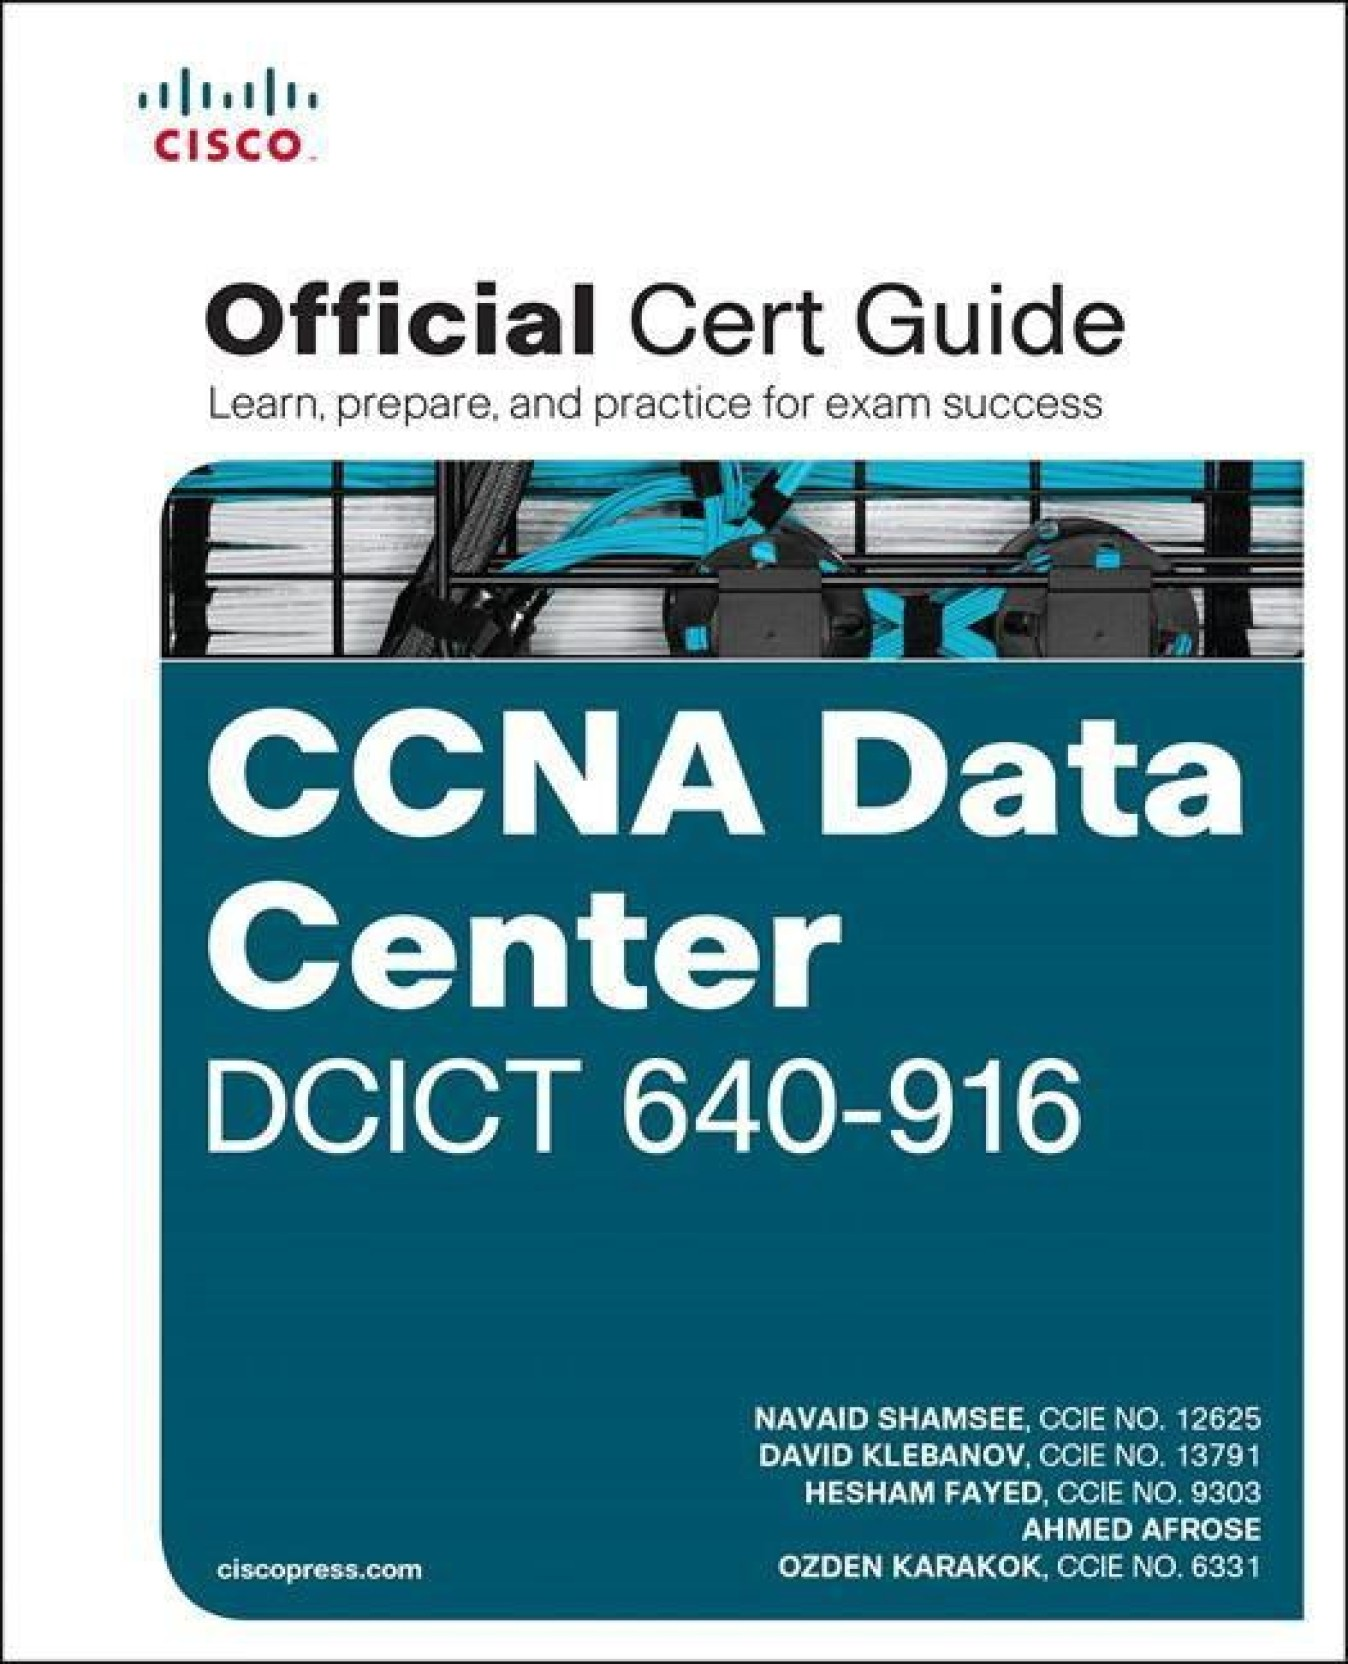 Cisco ccna data center dcict 640 916 official certification guide cisco ccna data center dcict 640 916 official certification guide add to cart xflitez Gallery